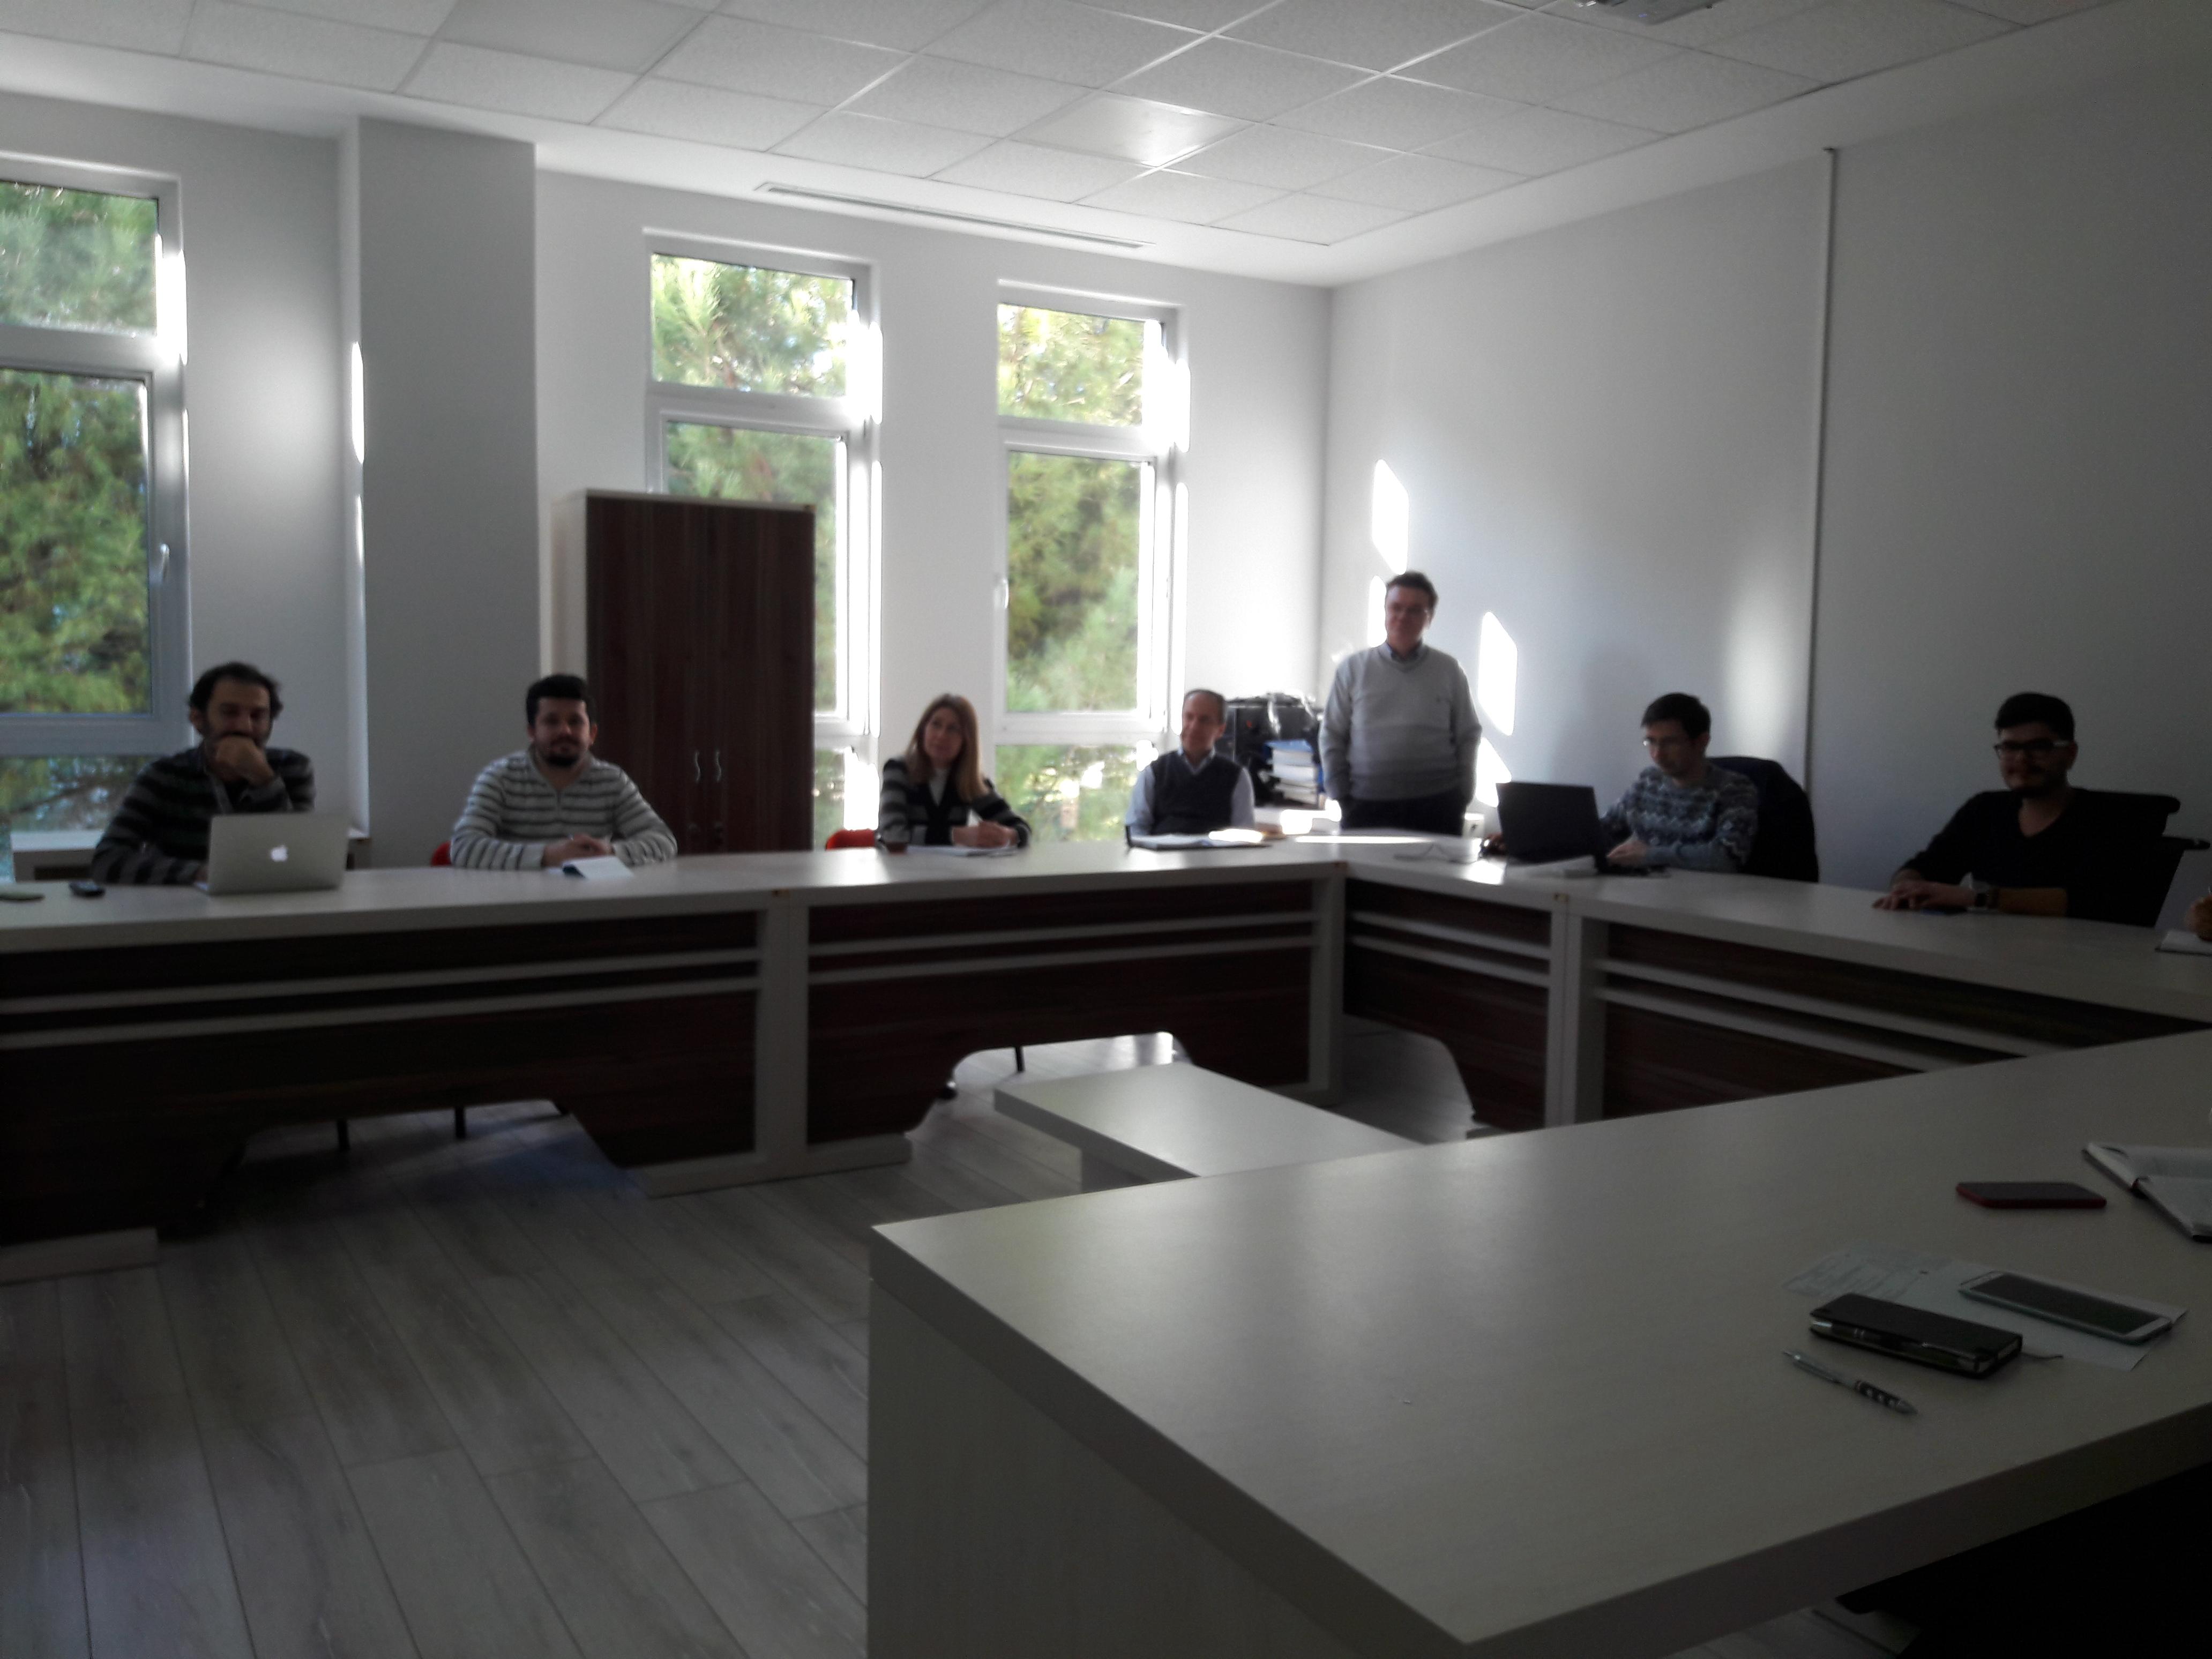 Yazılım Geliştirme Ekibi, Yazılım Hizmetlerini İyileştirmek Amacıyla Çalışmalarını Sürdürüyor